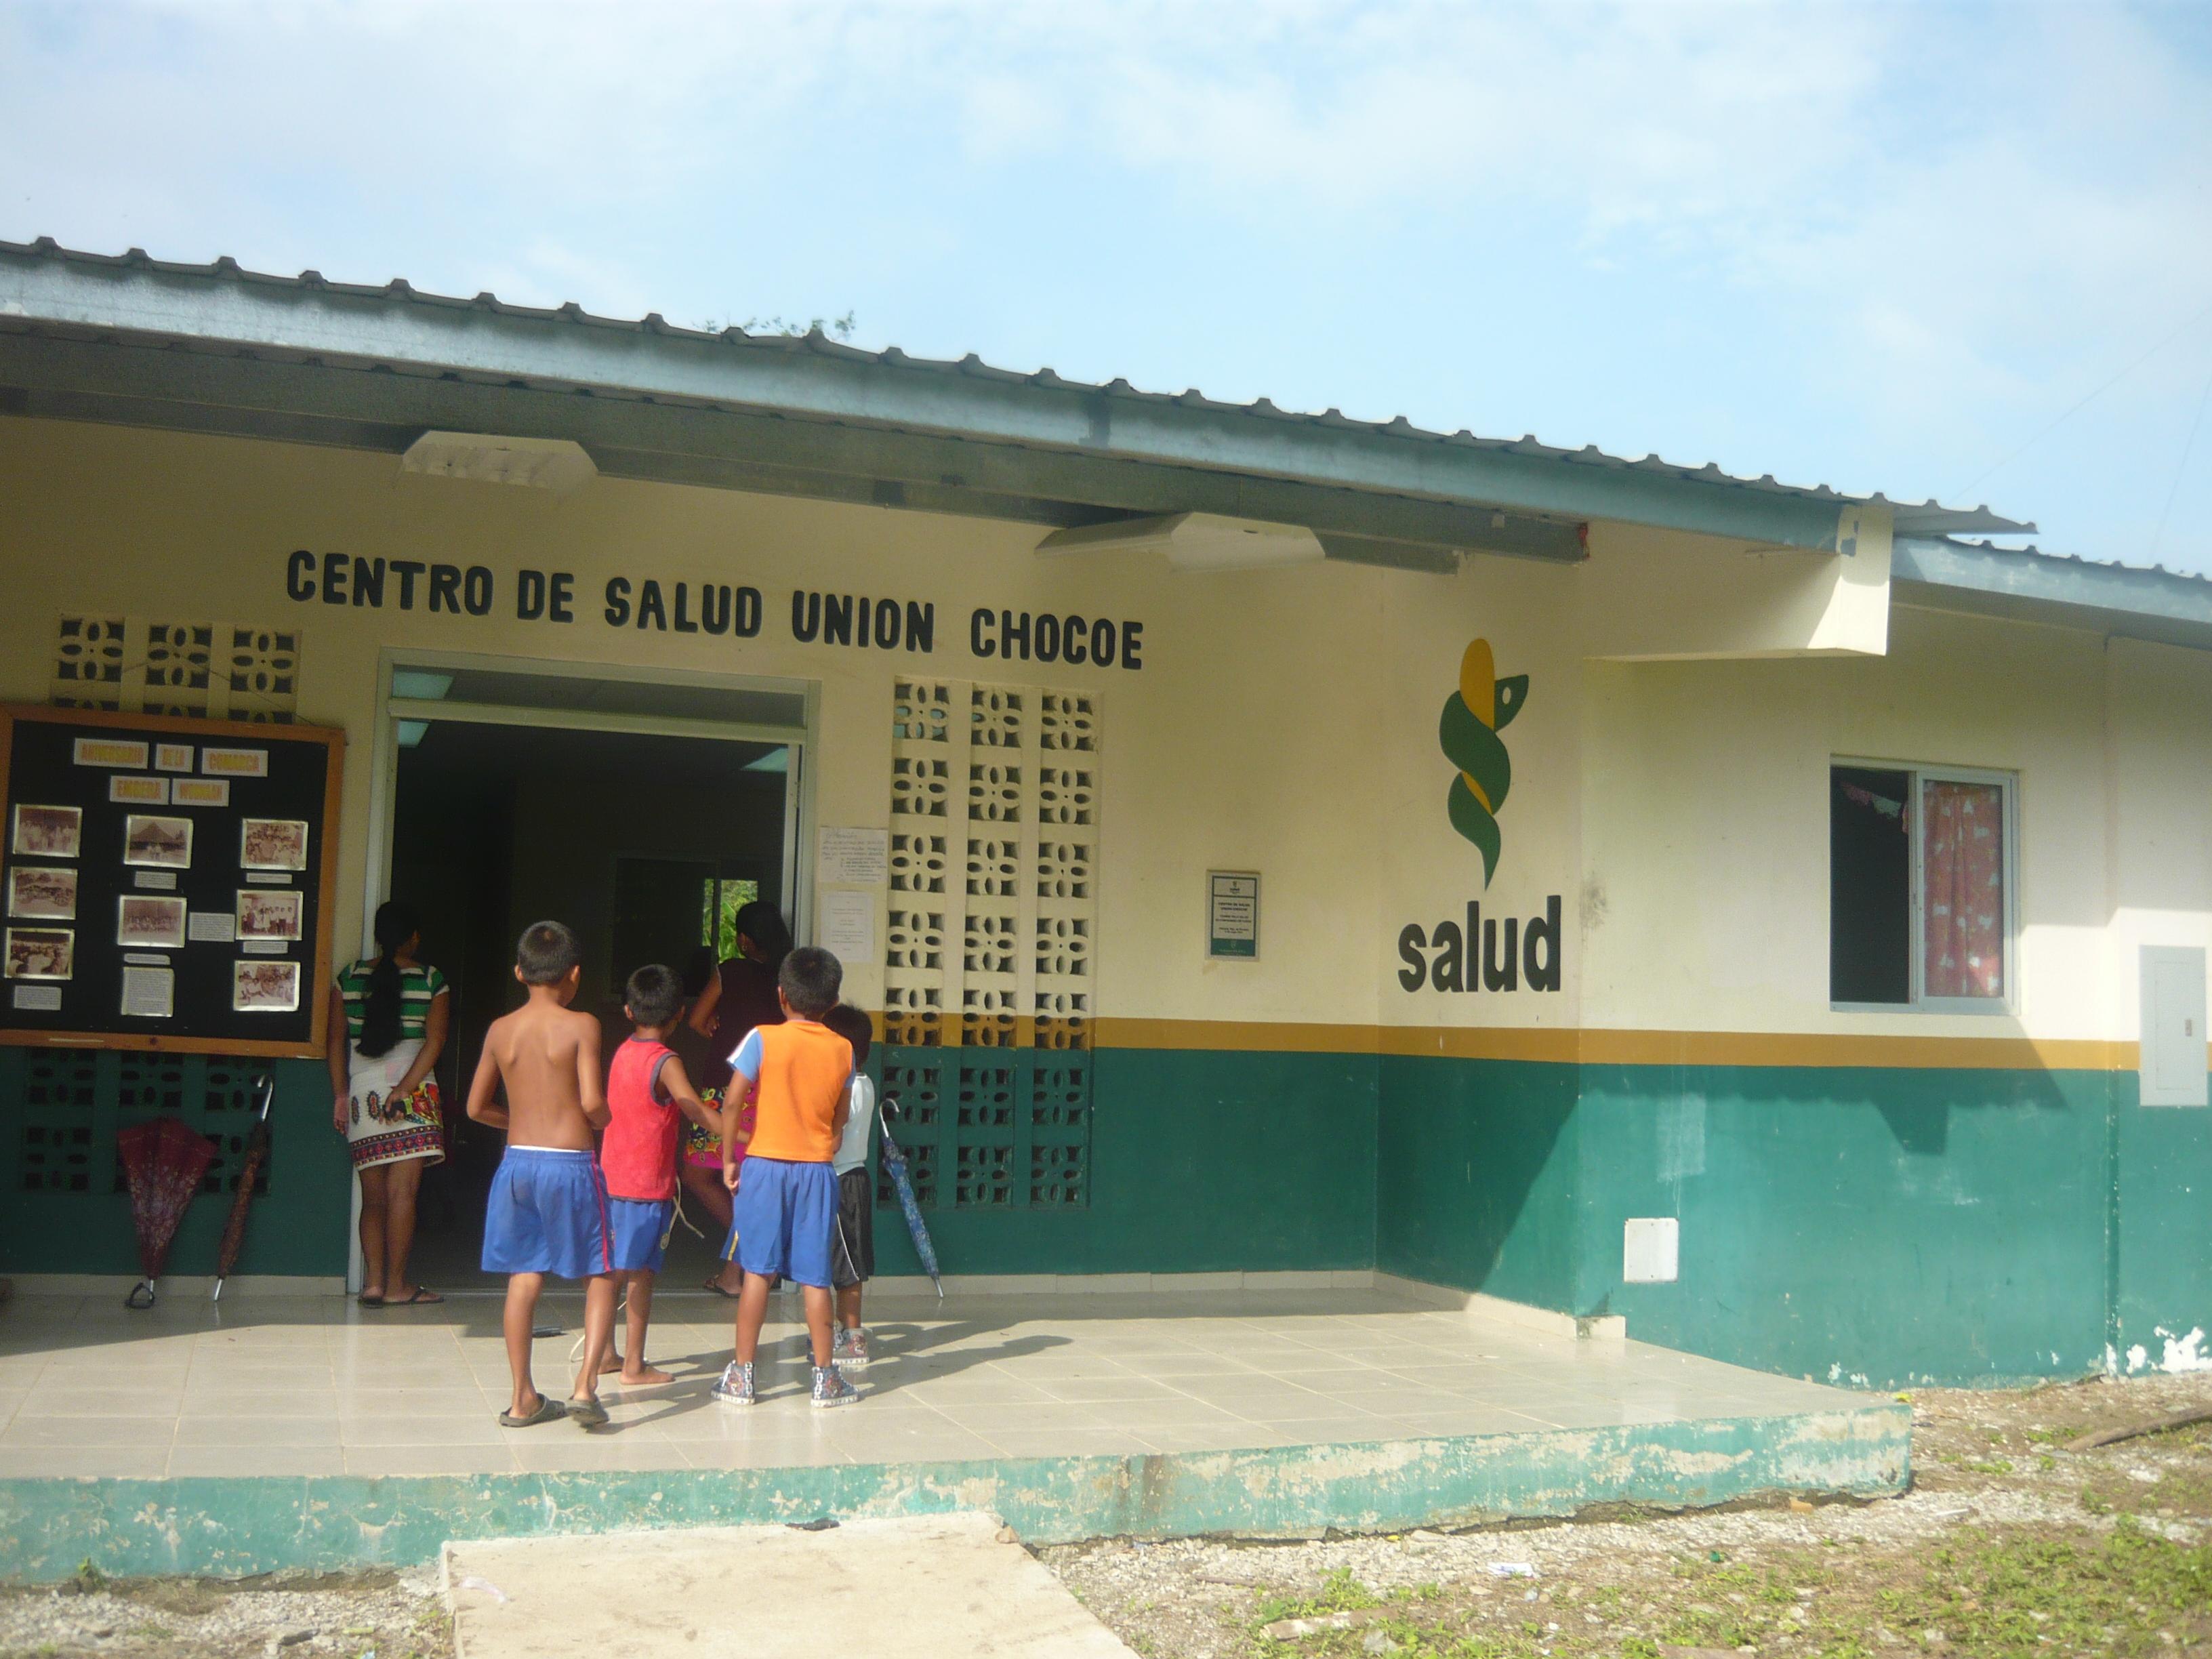 Centro De Salud Crystal City Tx